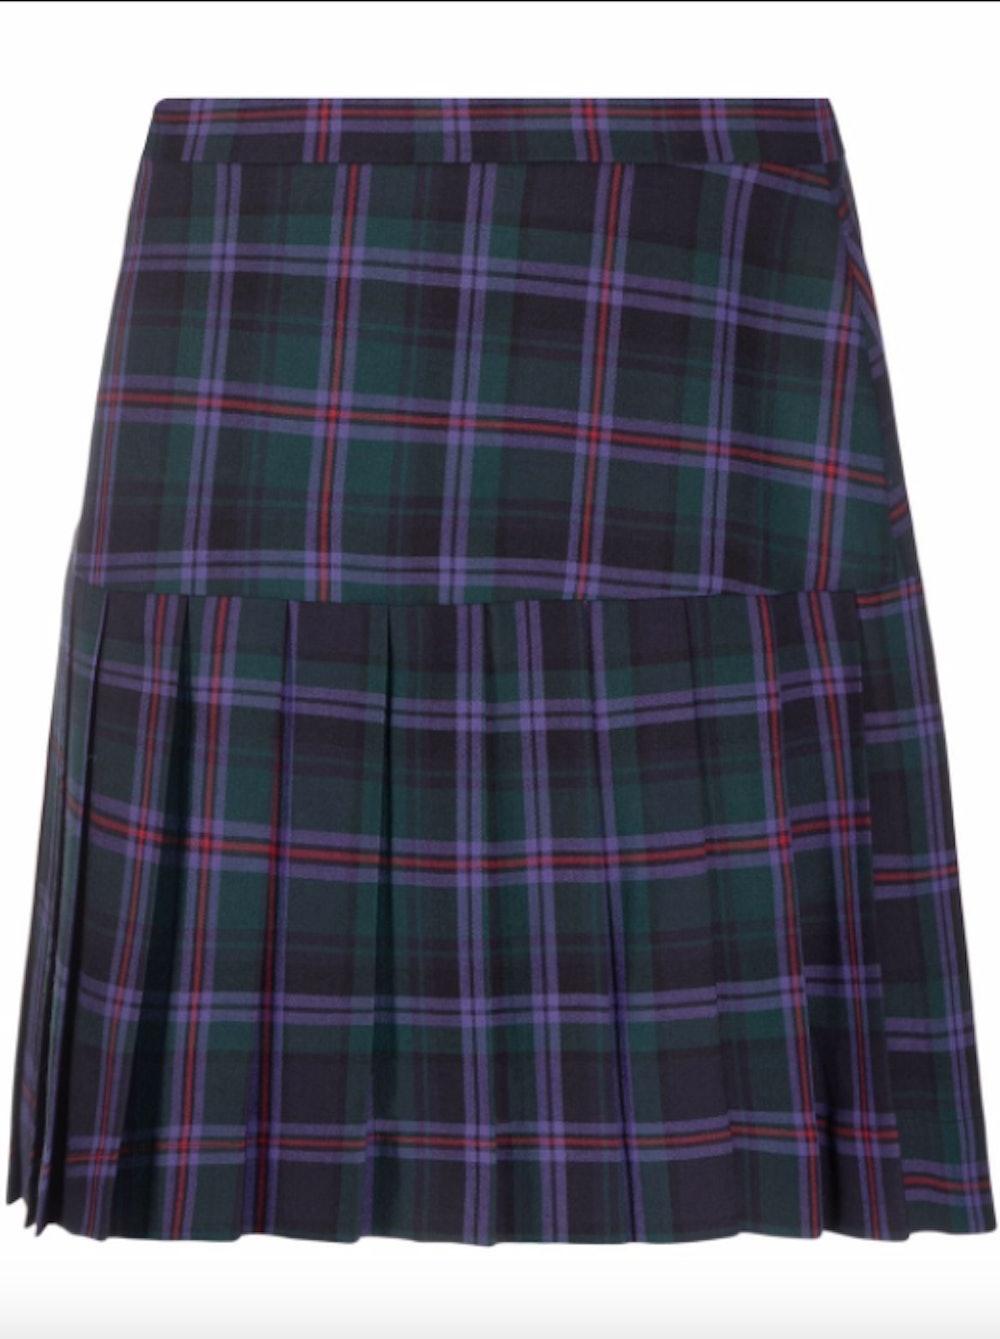 Summer Checked Pleated Kilt Skirt